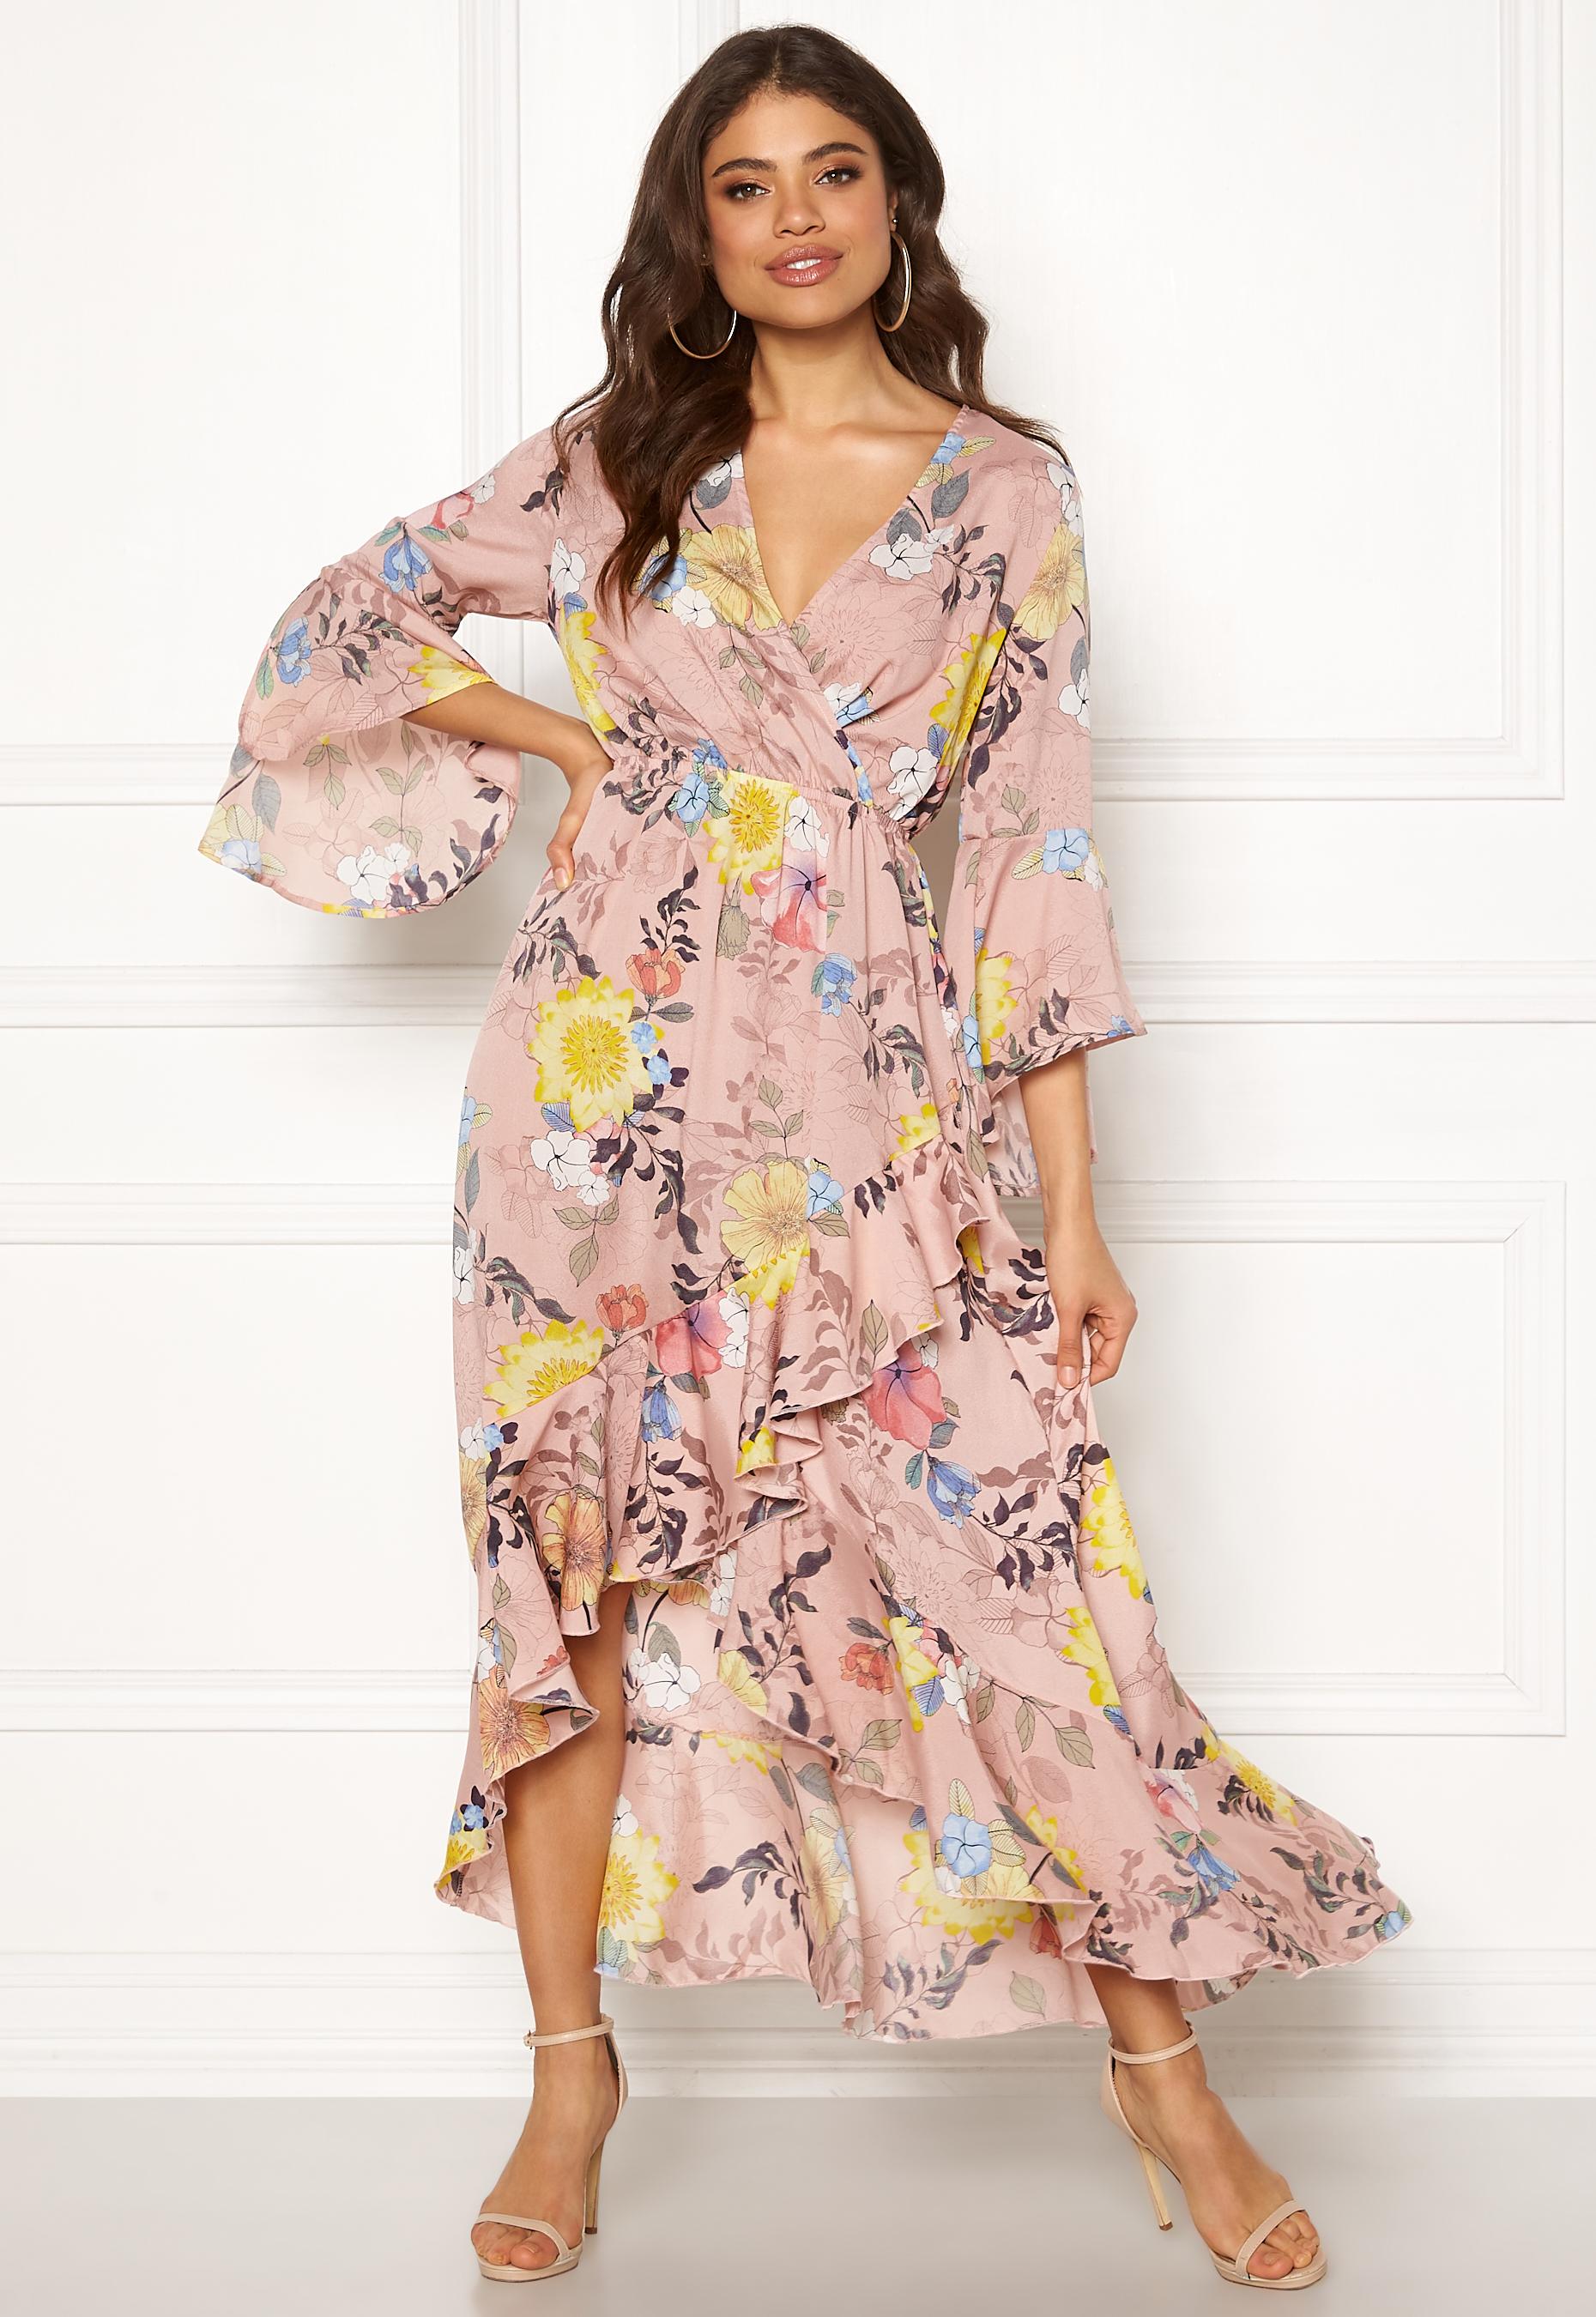 473d561457 Blue Vanilla Floral Frilly Maxi Dress Pink - Bubbleroom